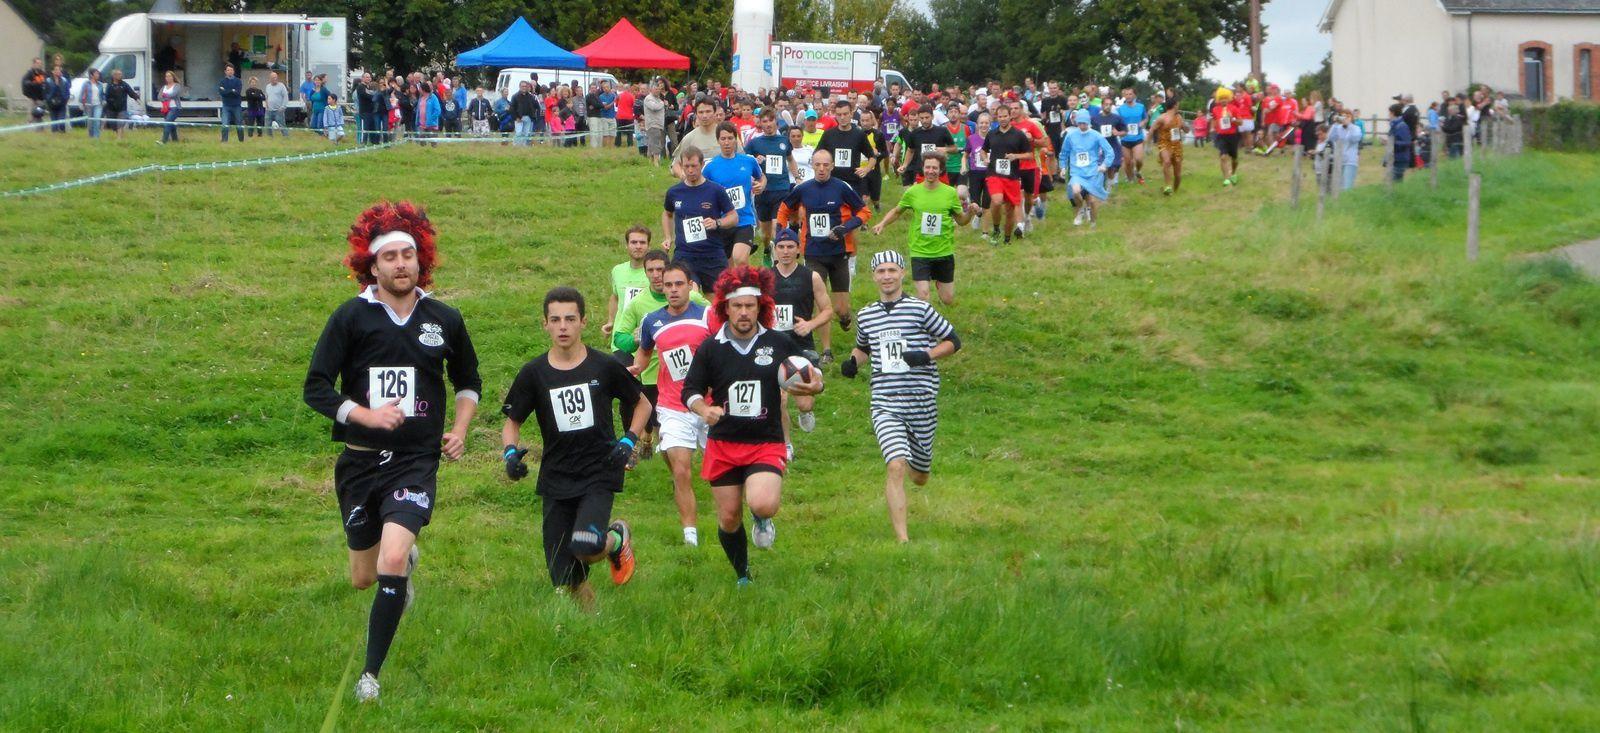 C'est parti pour les 14 KM où les concurrents auront à passer 2 fois tous les obstacles.